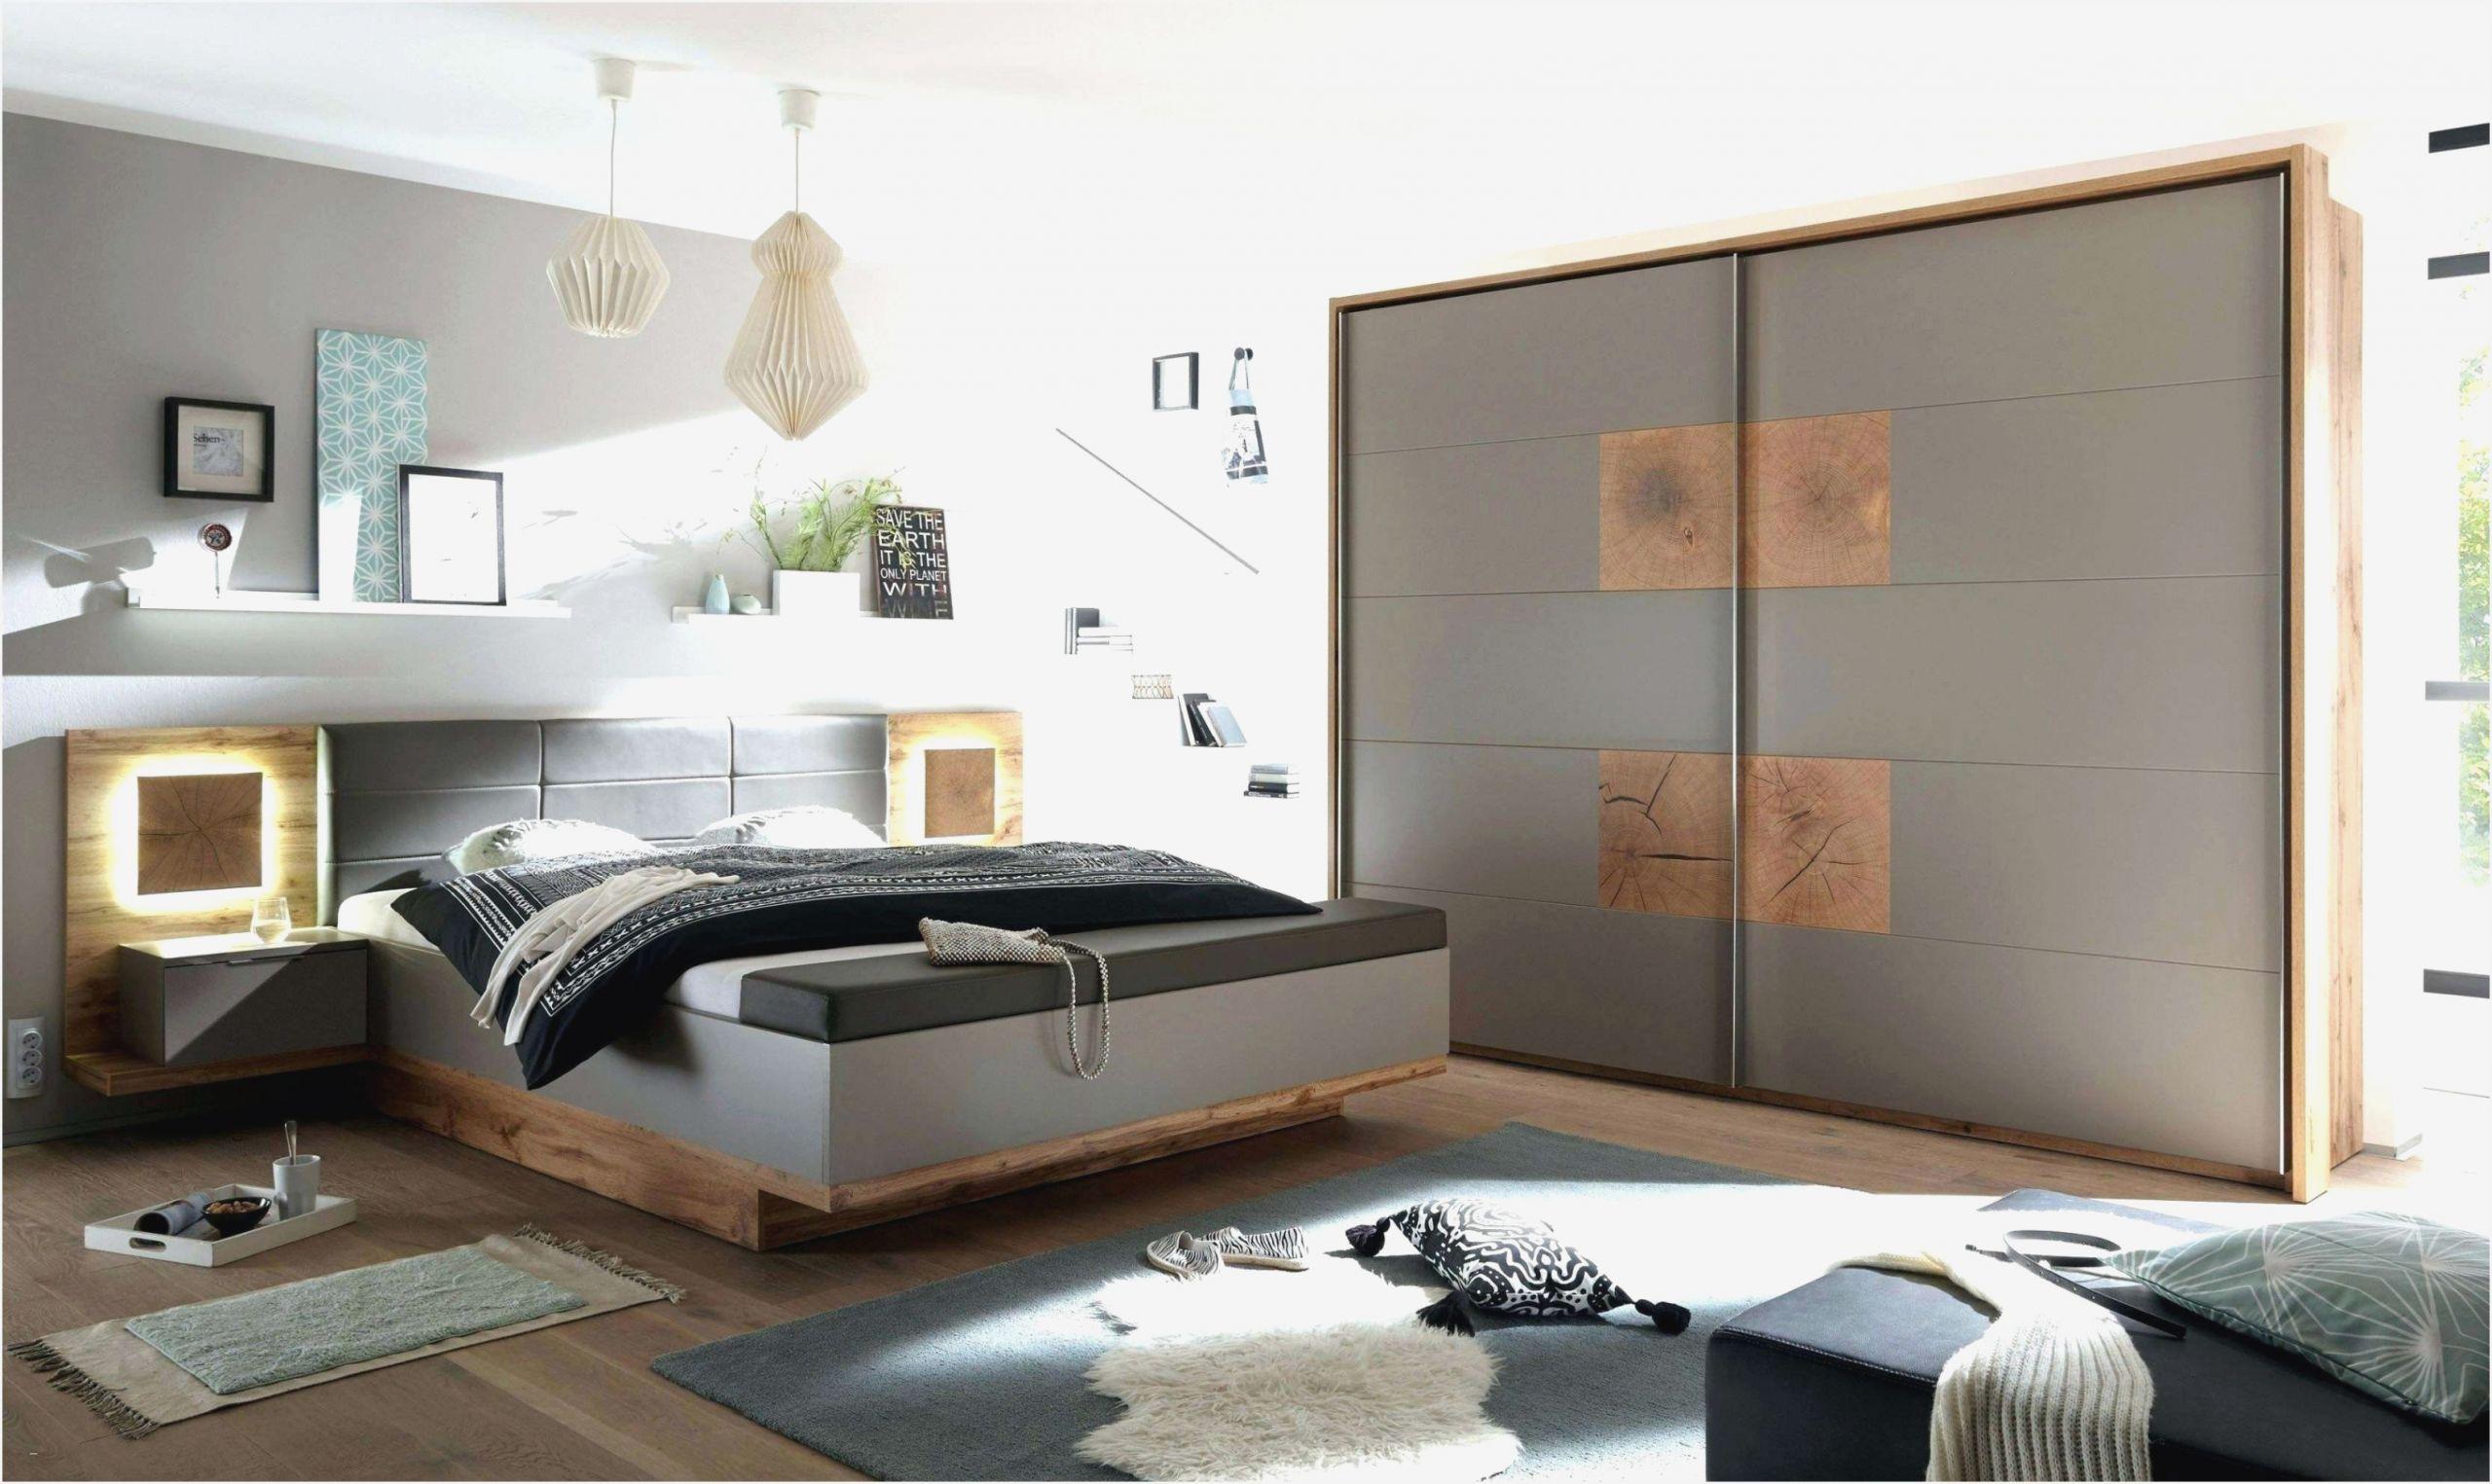 Full Size of Dachgeschosswohnung Einrichten Ideen Wohnzimmer Bilder Tipps Kleine Beispiele Pinterest Schlafzimmer Ikea Kinderzimmer In Erwachsenen Zimmer Umgestalten Küche Wohnzimmer Dachgeschosswohnung Einrichten